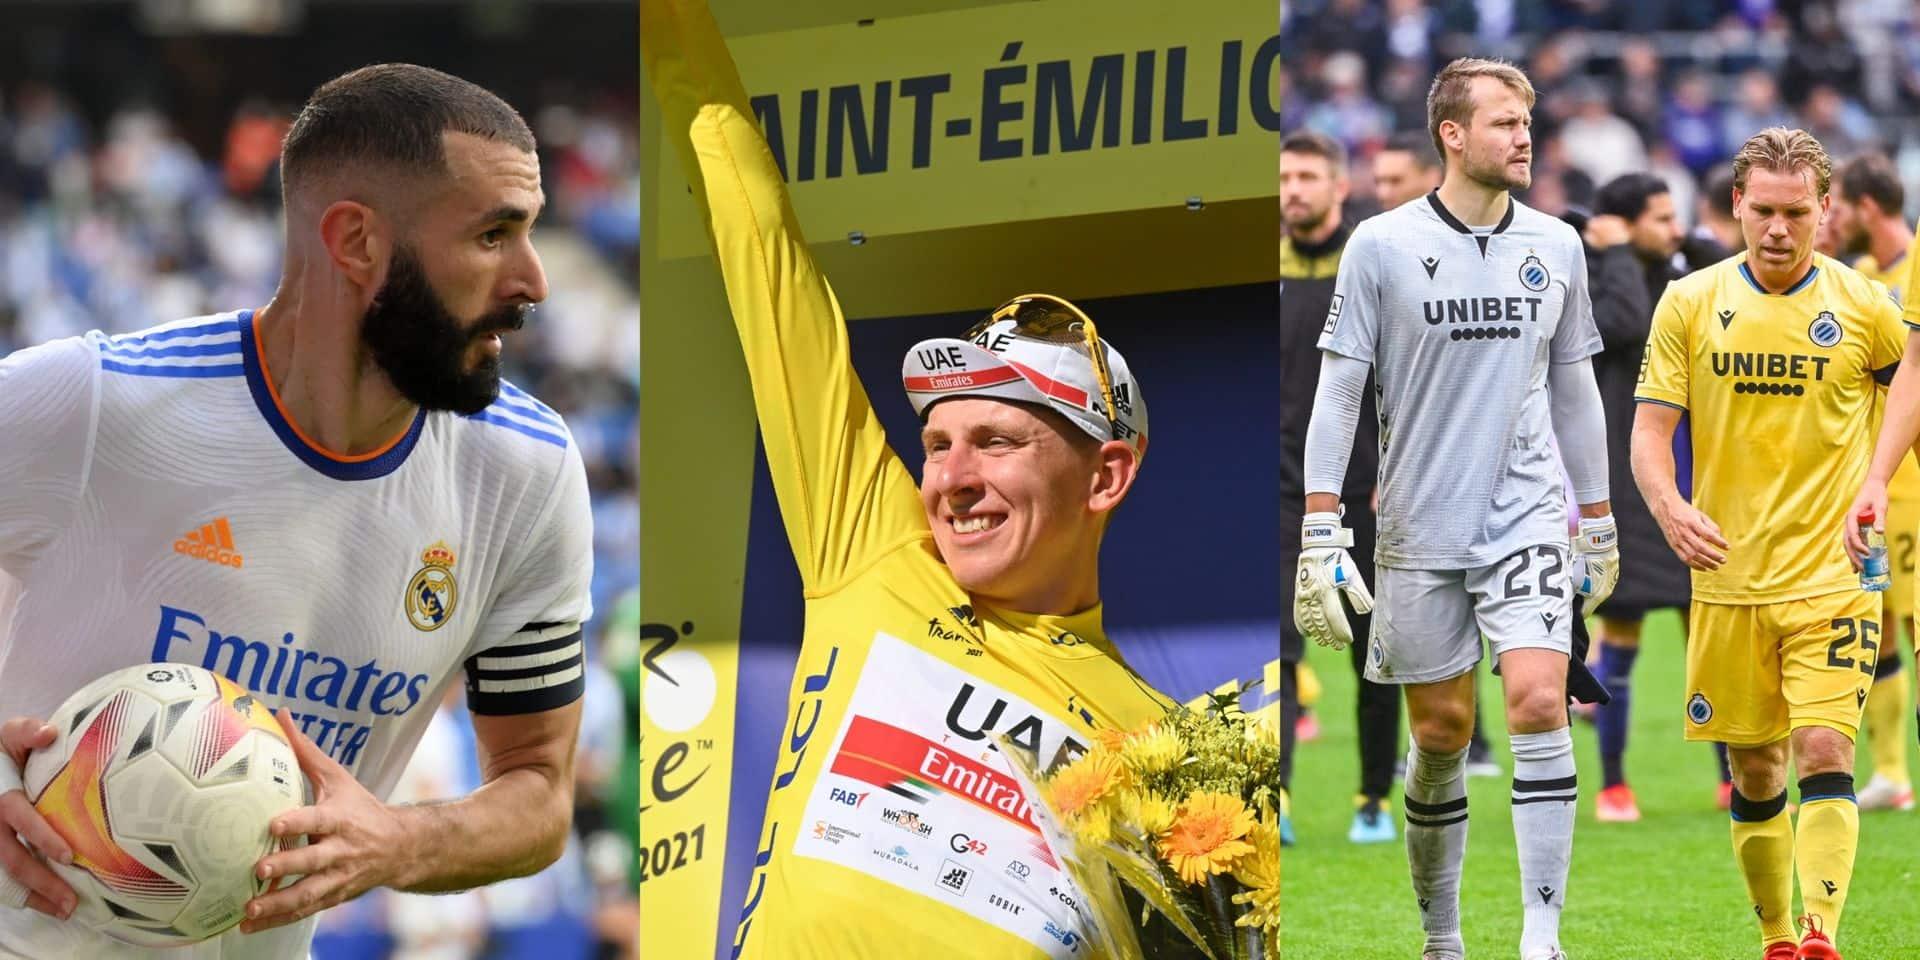 Les chances de Benzema au Ballon d'Or, parcours du Tour, Bruges: choisissez le sujet du jour